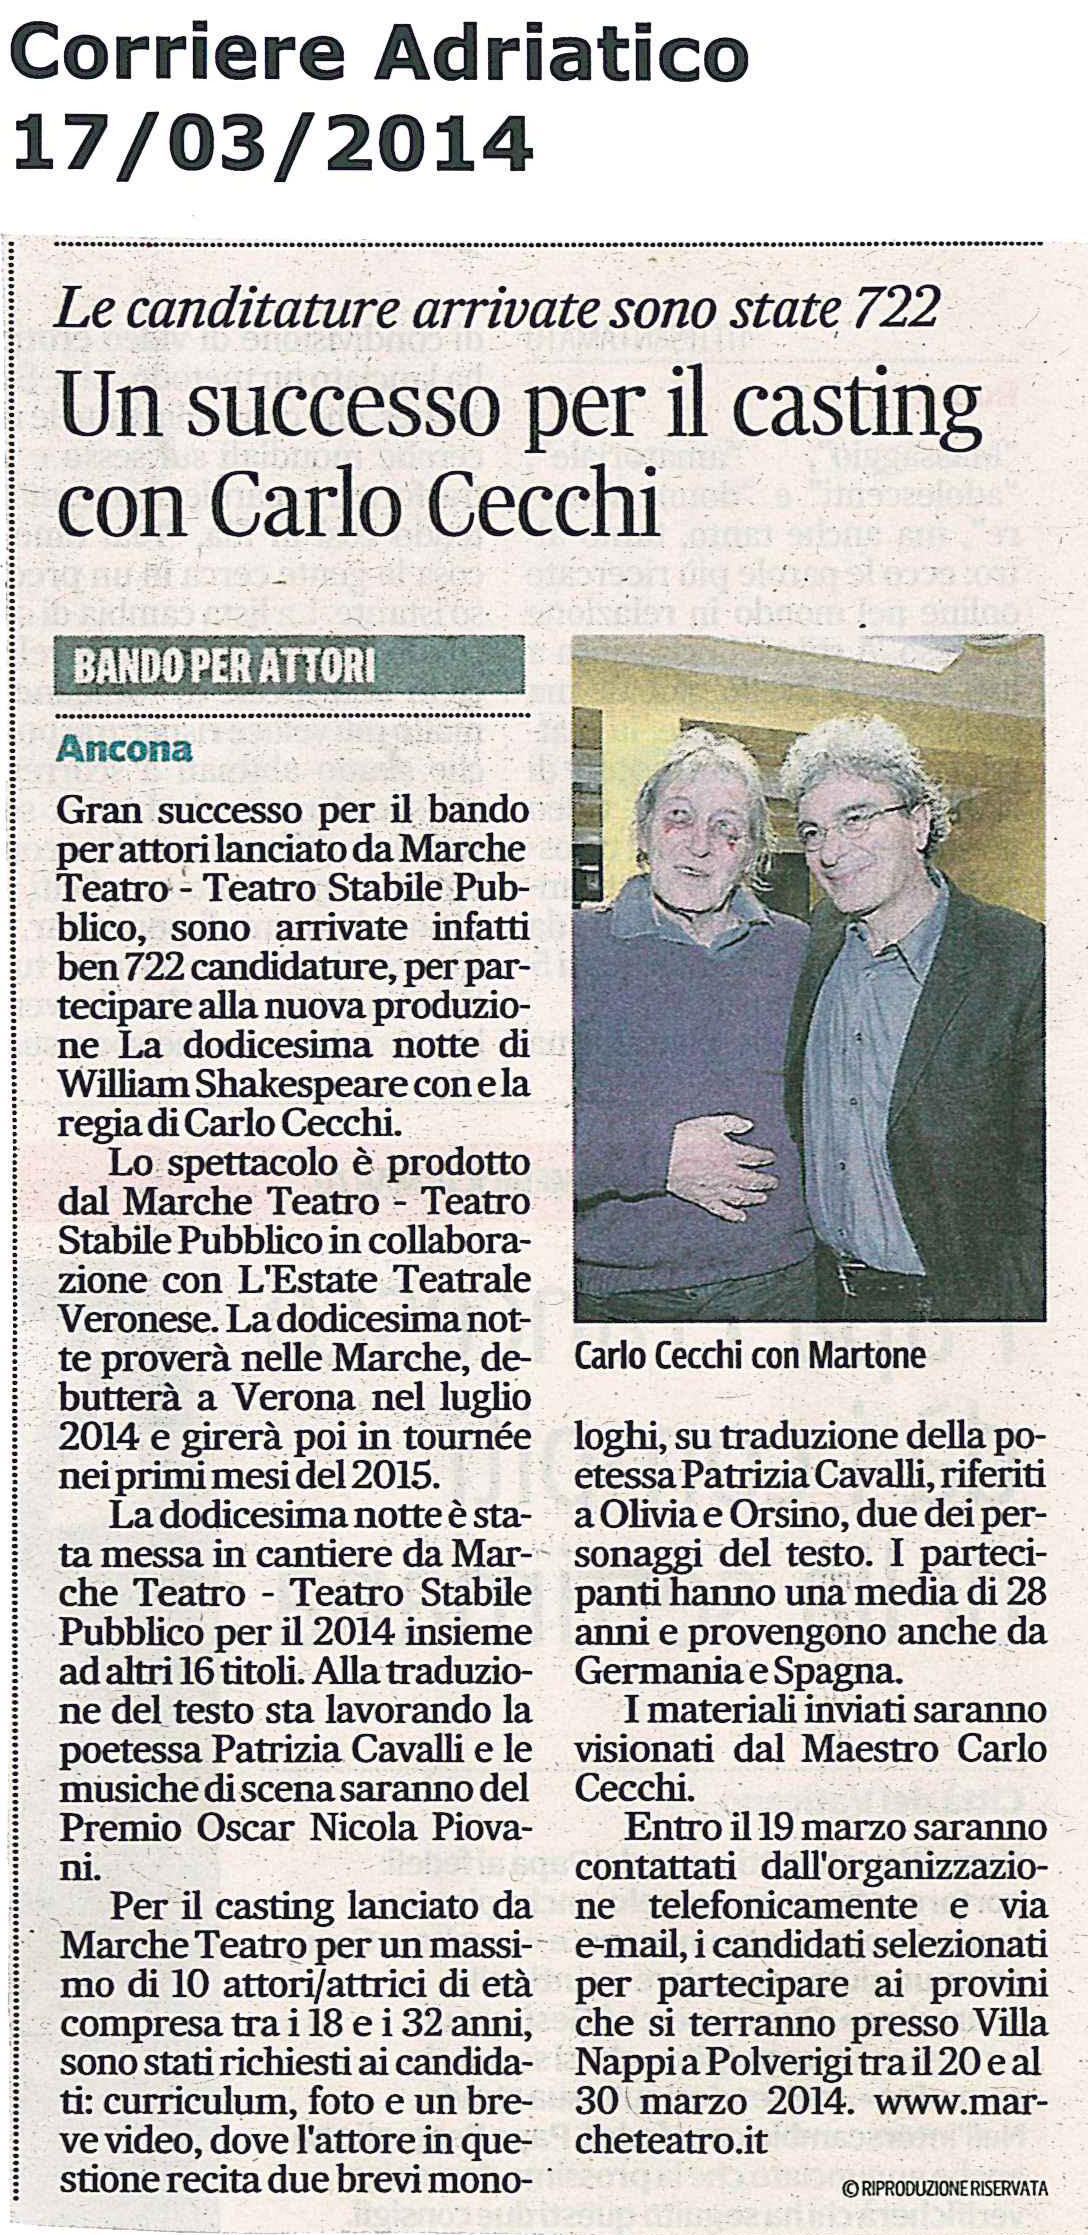 2014.03.17 Un successo per il casting con Carlo Cecchi - Corriere Adriatico